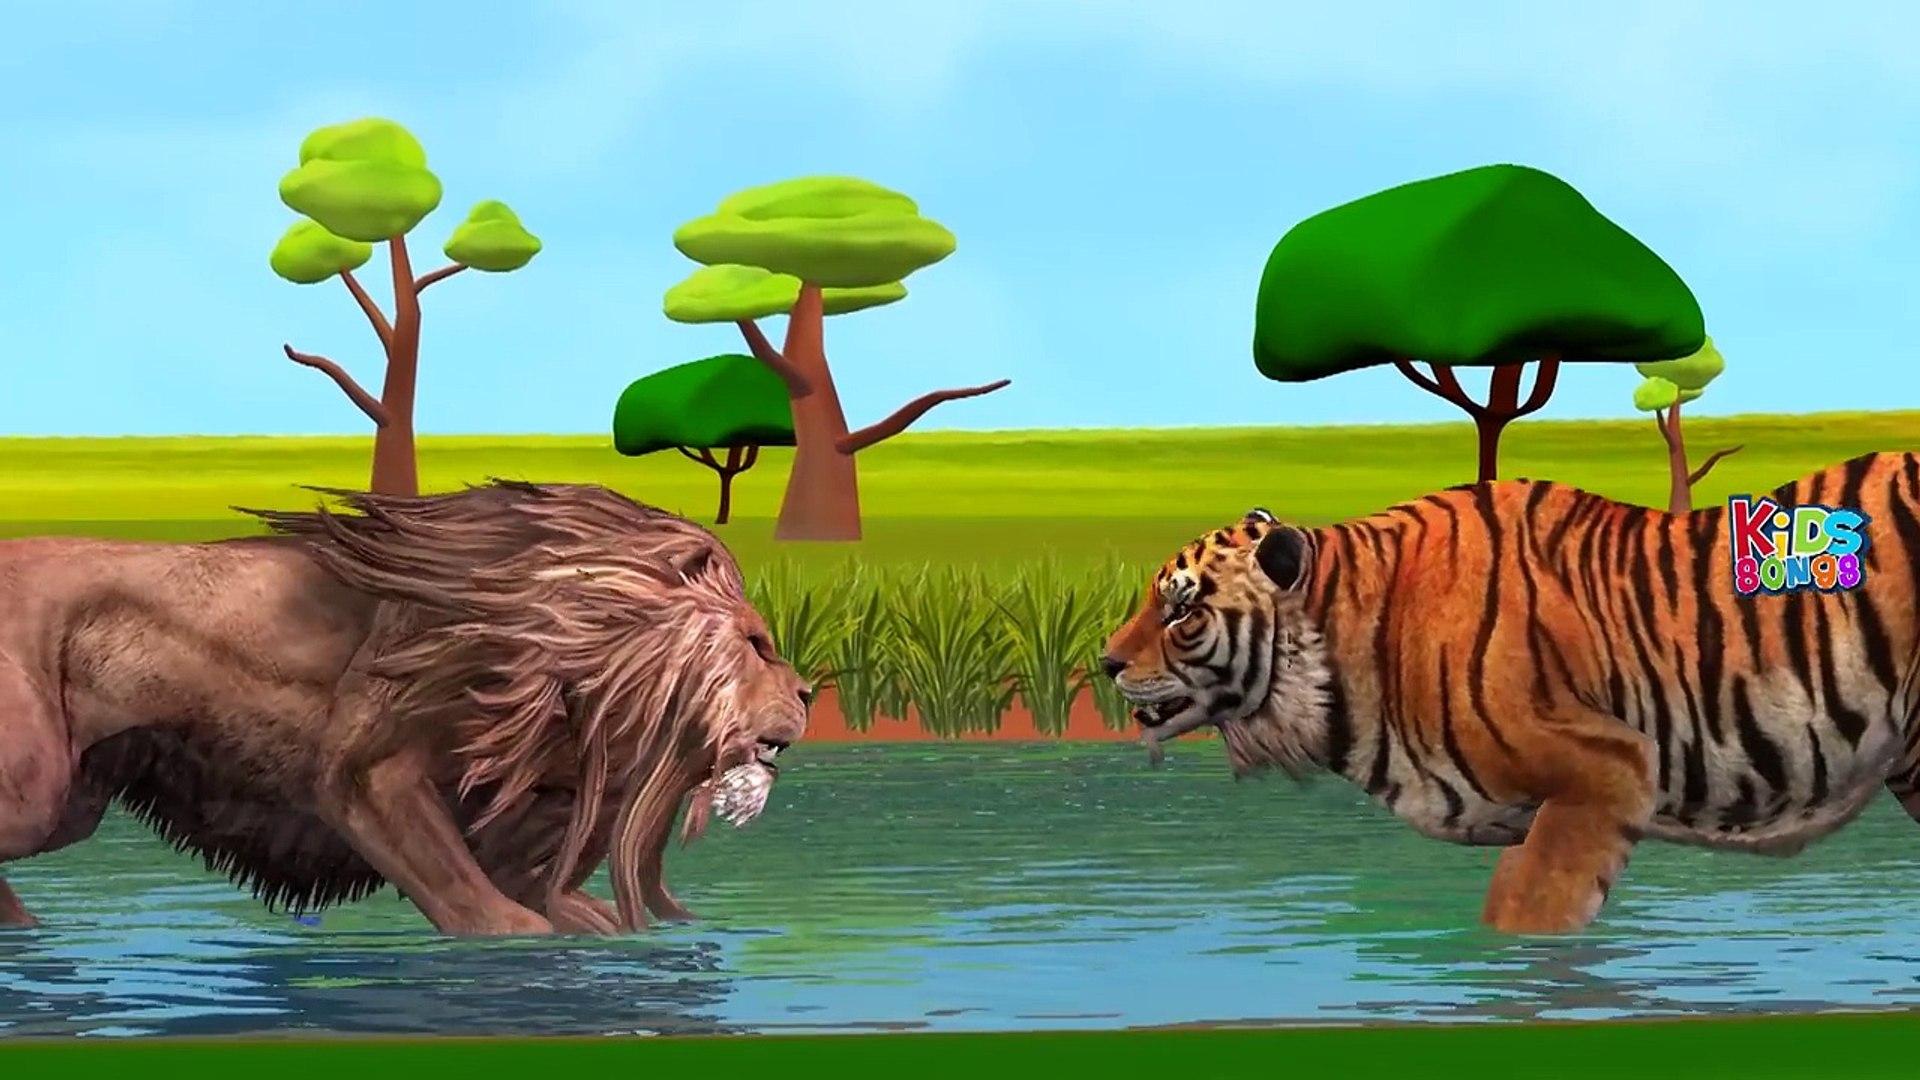 По бы Дети Семья бой палец к к к к к к лев питомник рифмы Песня тигр против |